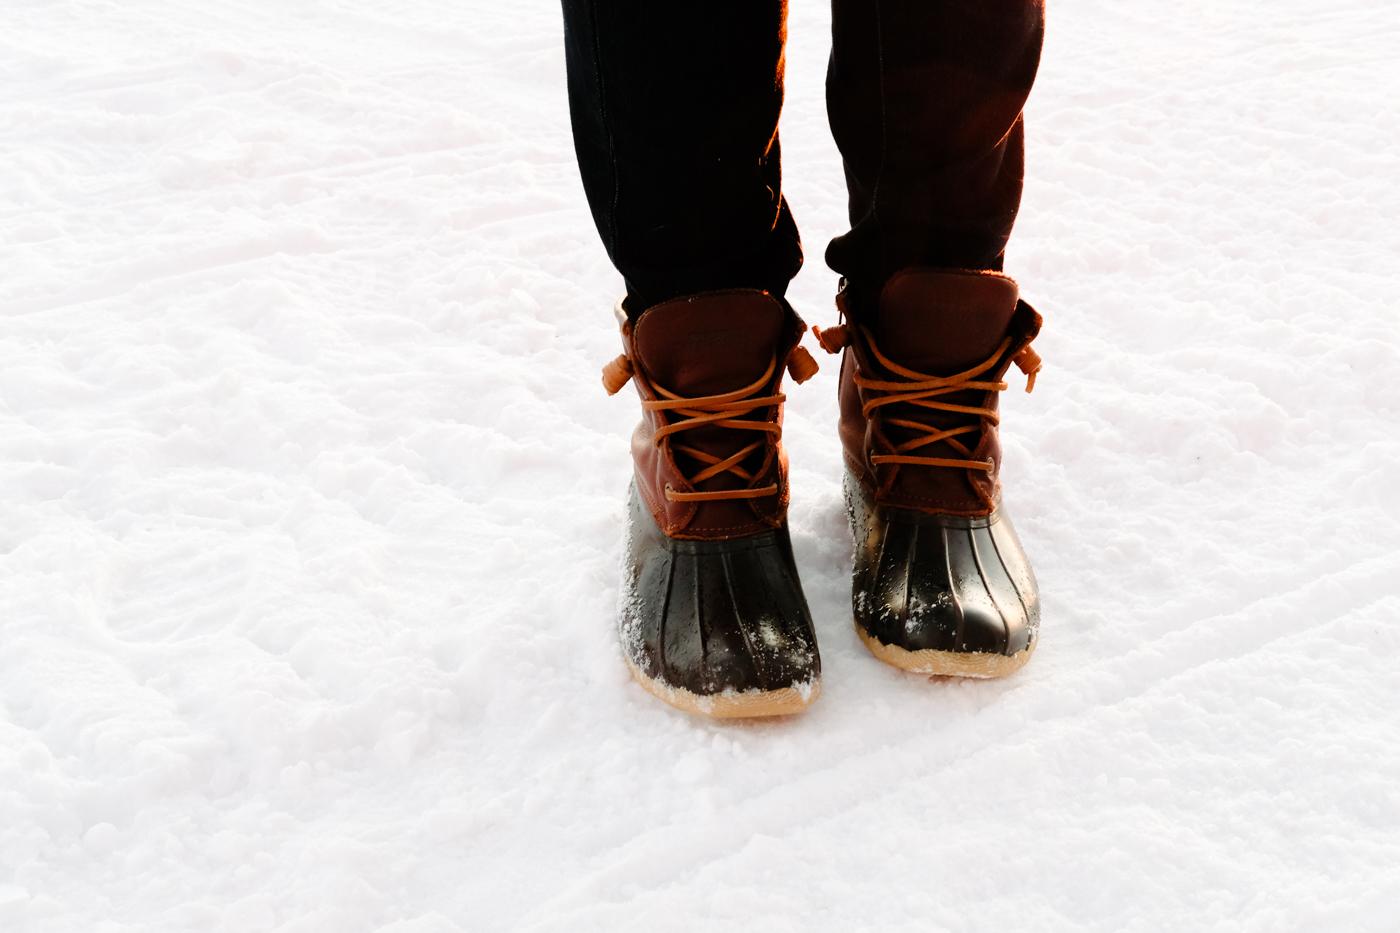 Debora Dahl wearing duck boots